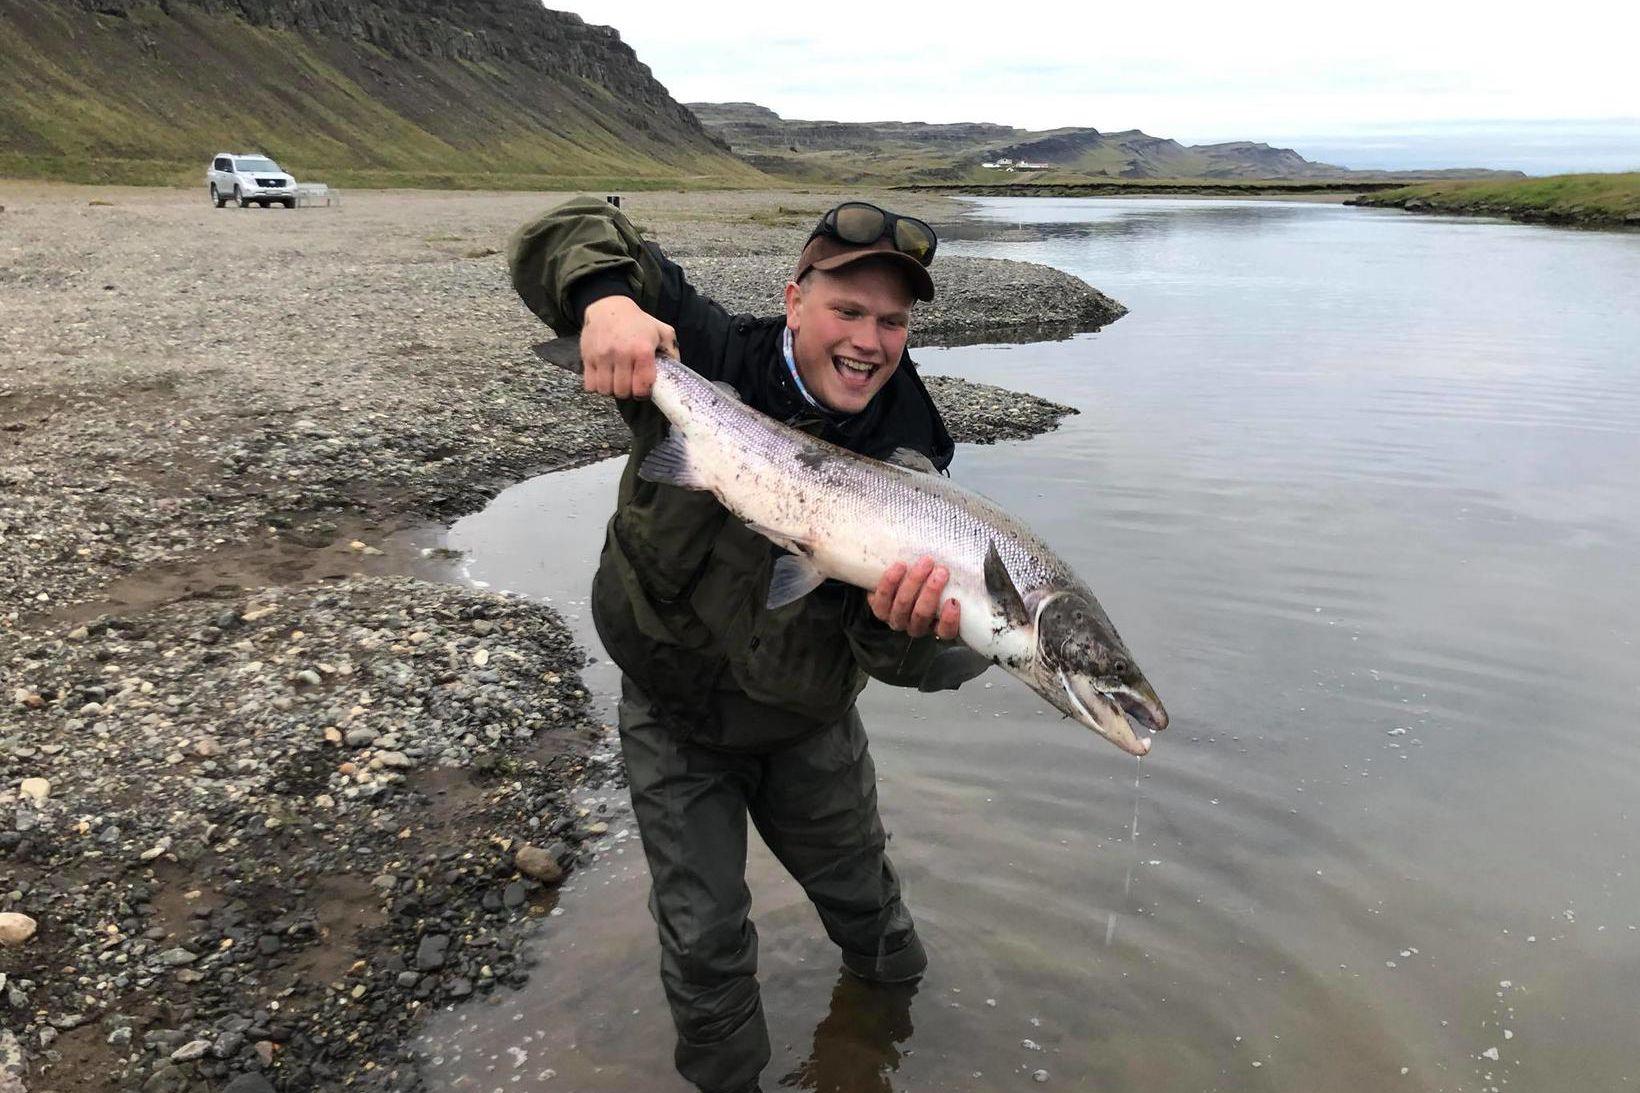 Gleðin ósvikin, enda maríulaxinn einn af stærstu fiskunum sem veiddust …